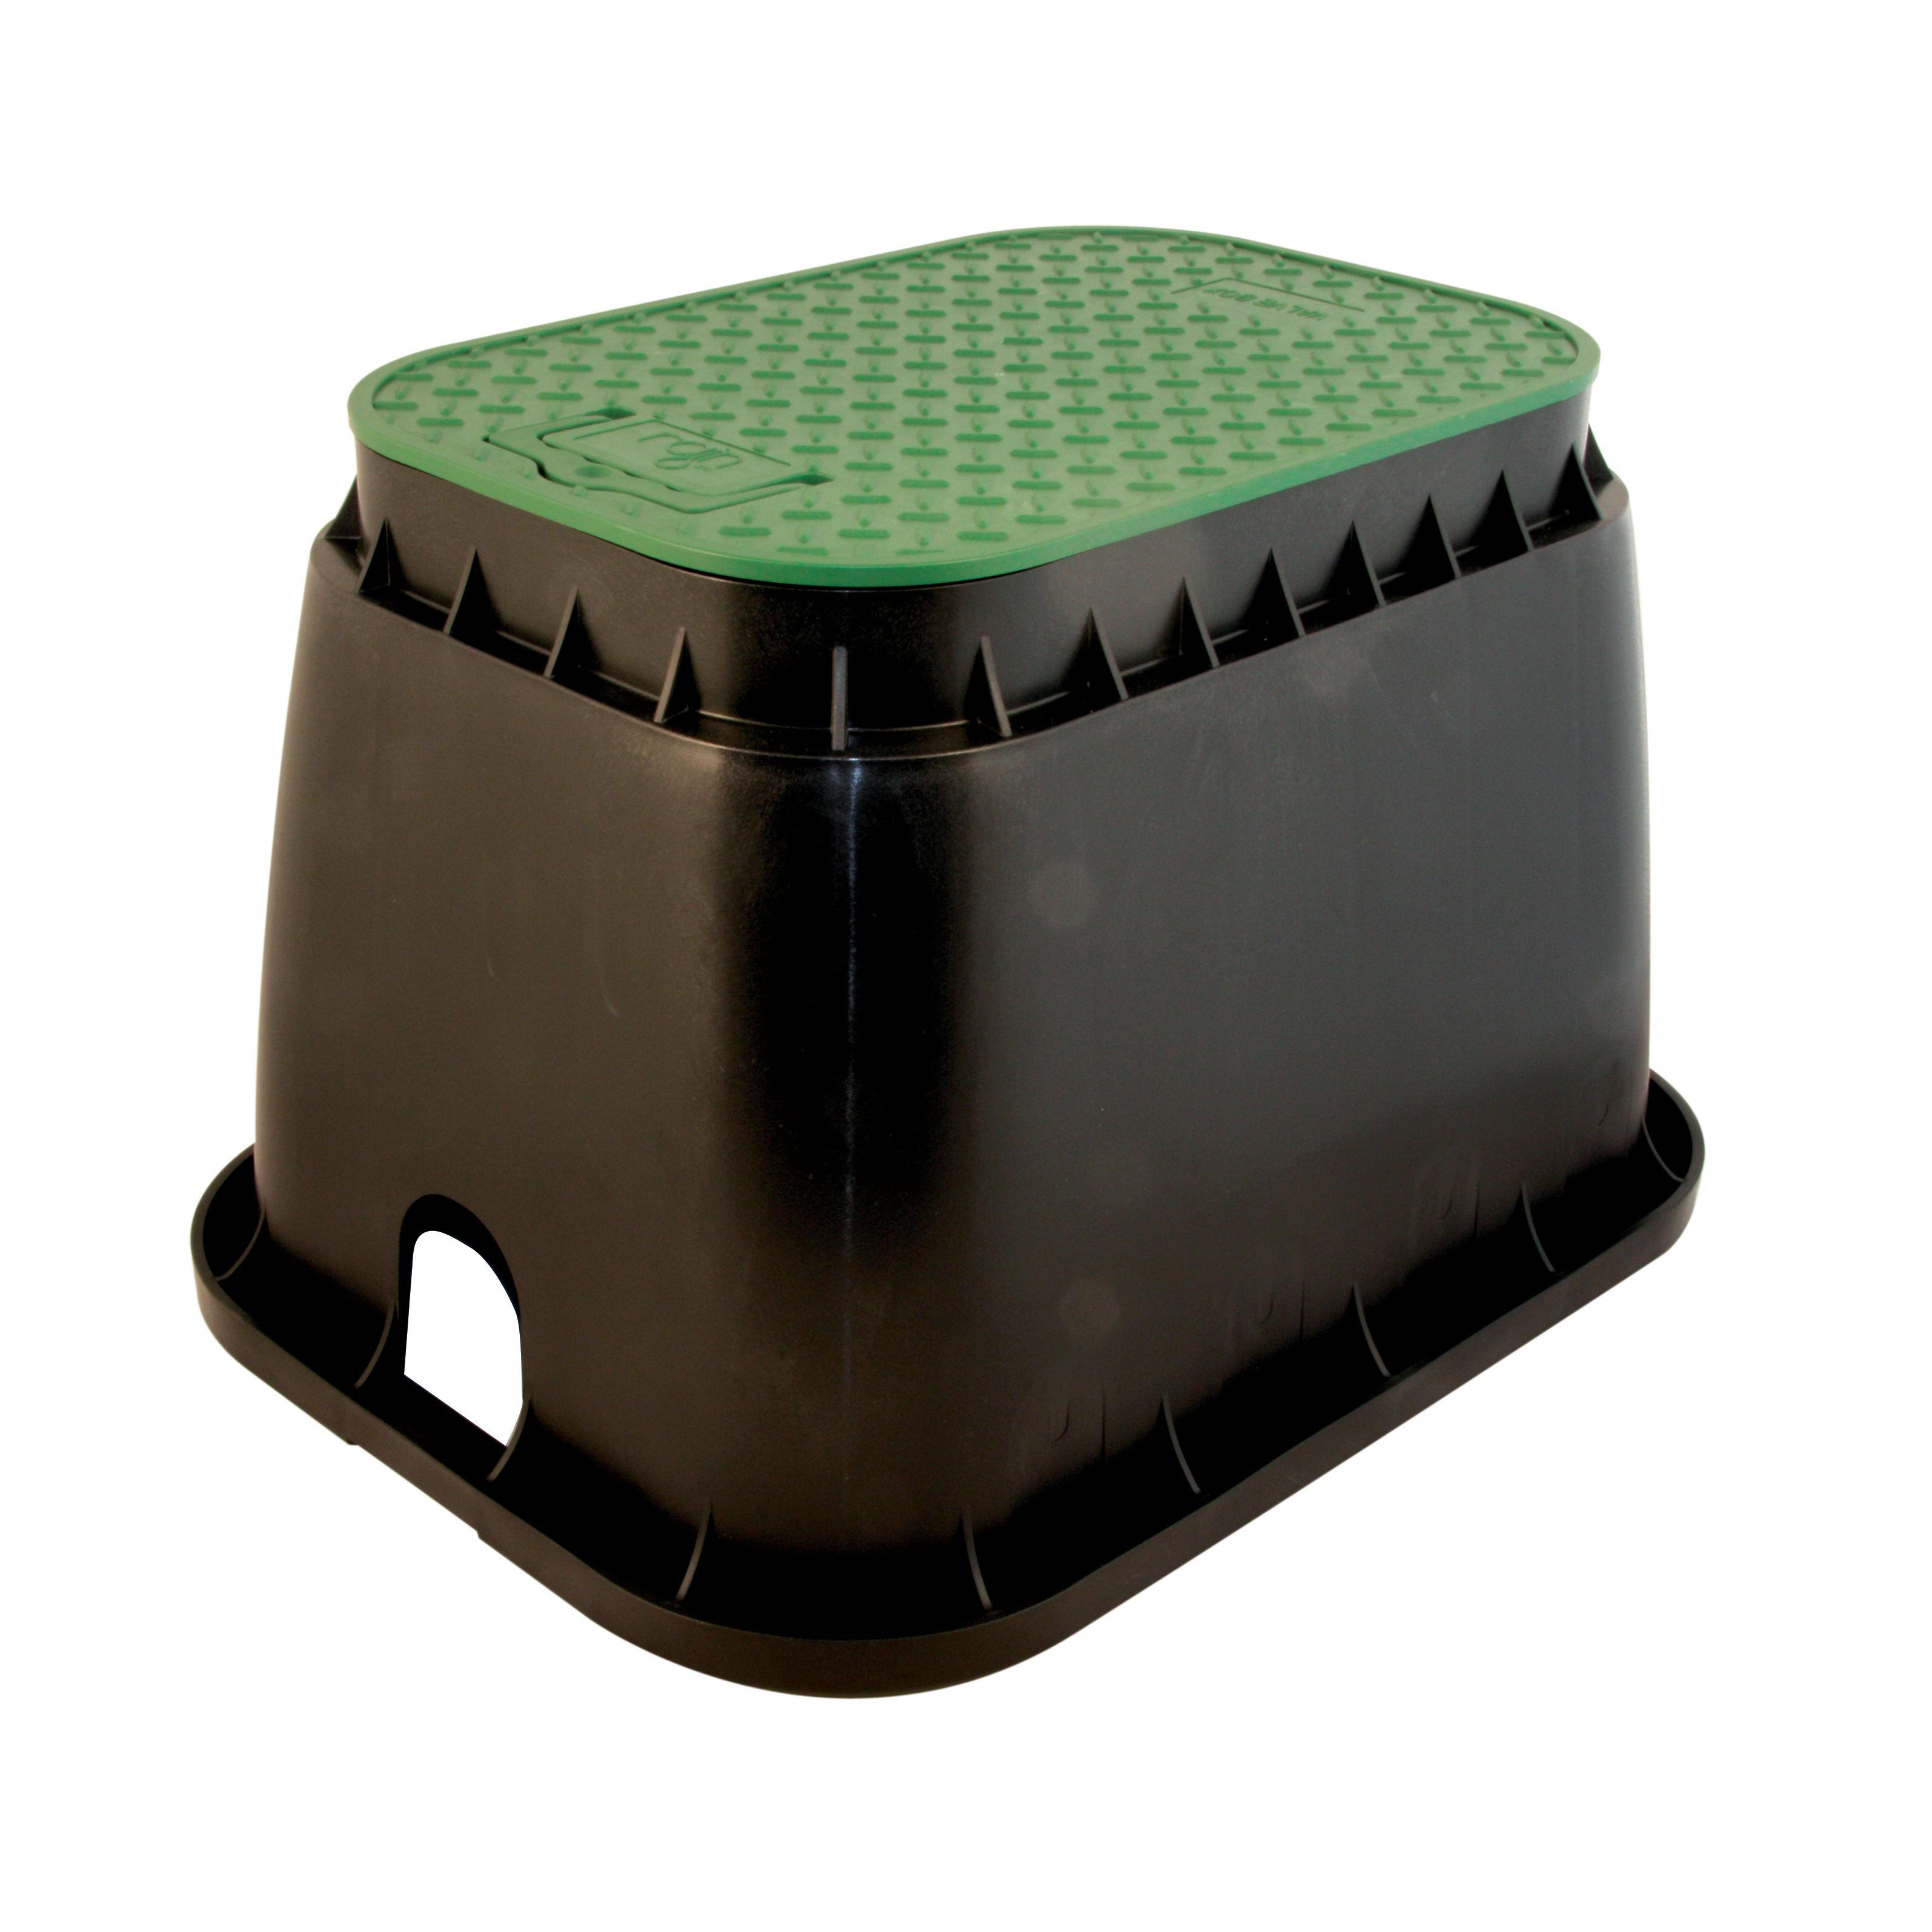 Pozzetti In Plastica Per Giardino.Pozzetto Rettangolare Rain Prezzi E Offerte Online Leroy Merlin